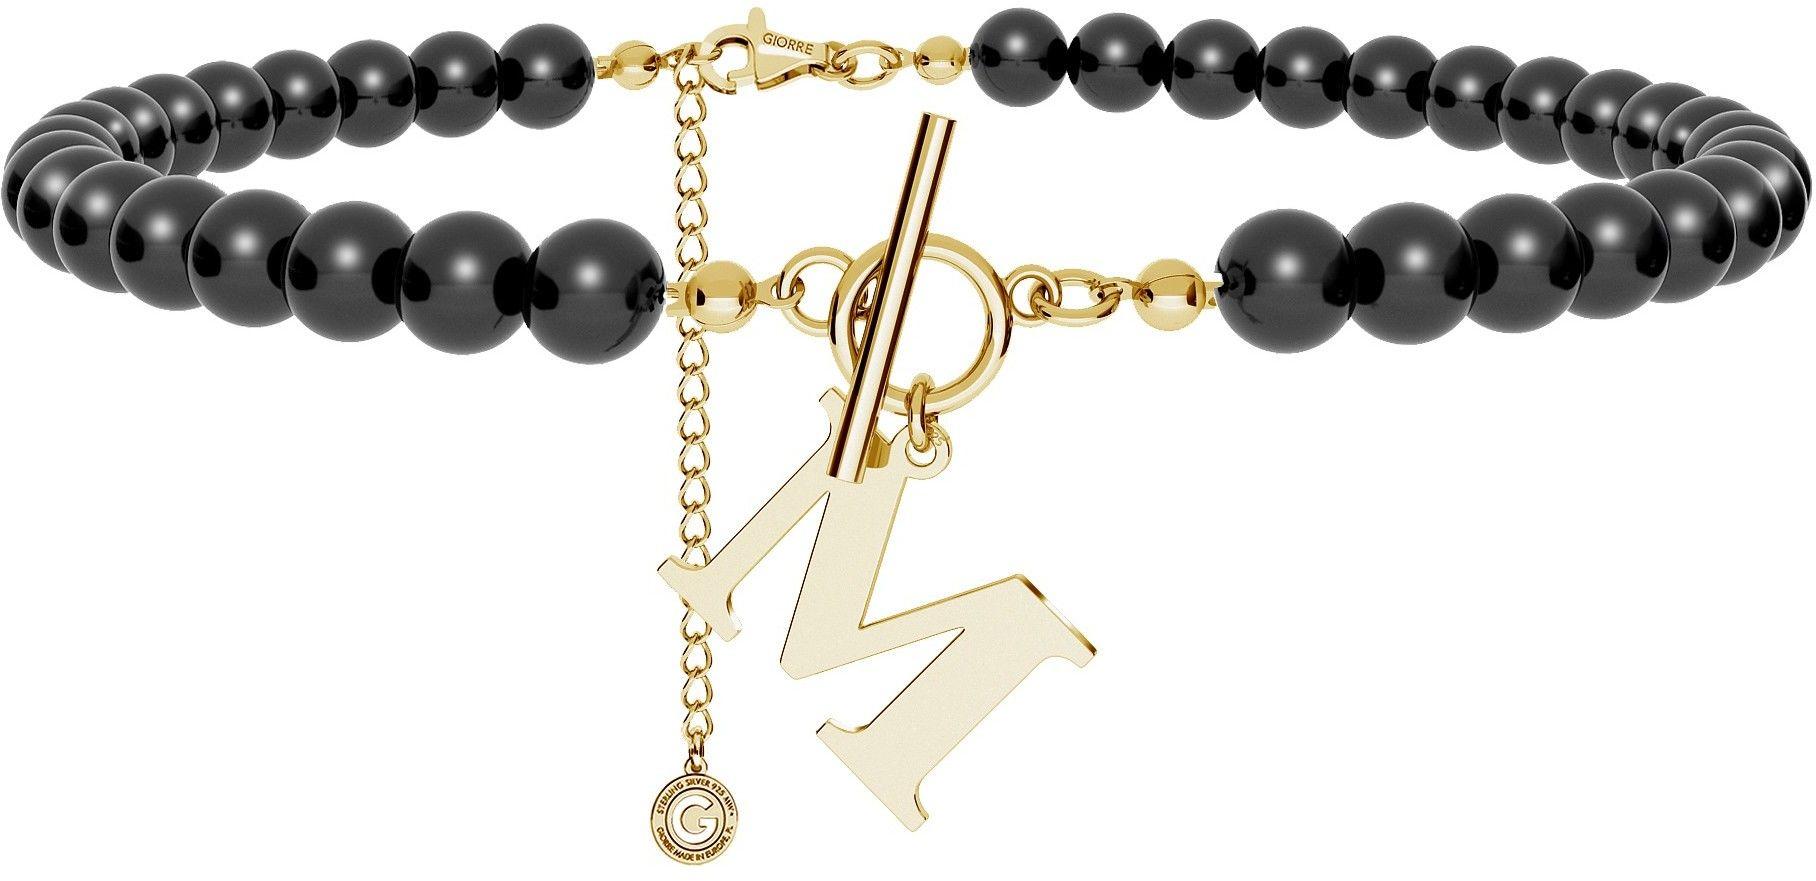 Czarny perłowy choker z dowolną literą, Swarovski, srebro 925 : Litera - N, Srebro - kolor pokrycia - Pokrycie platyną